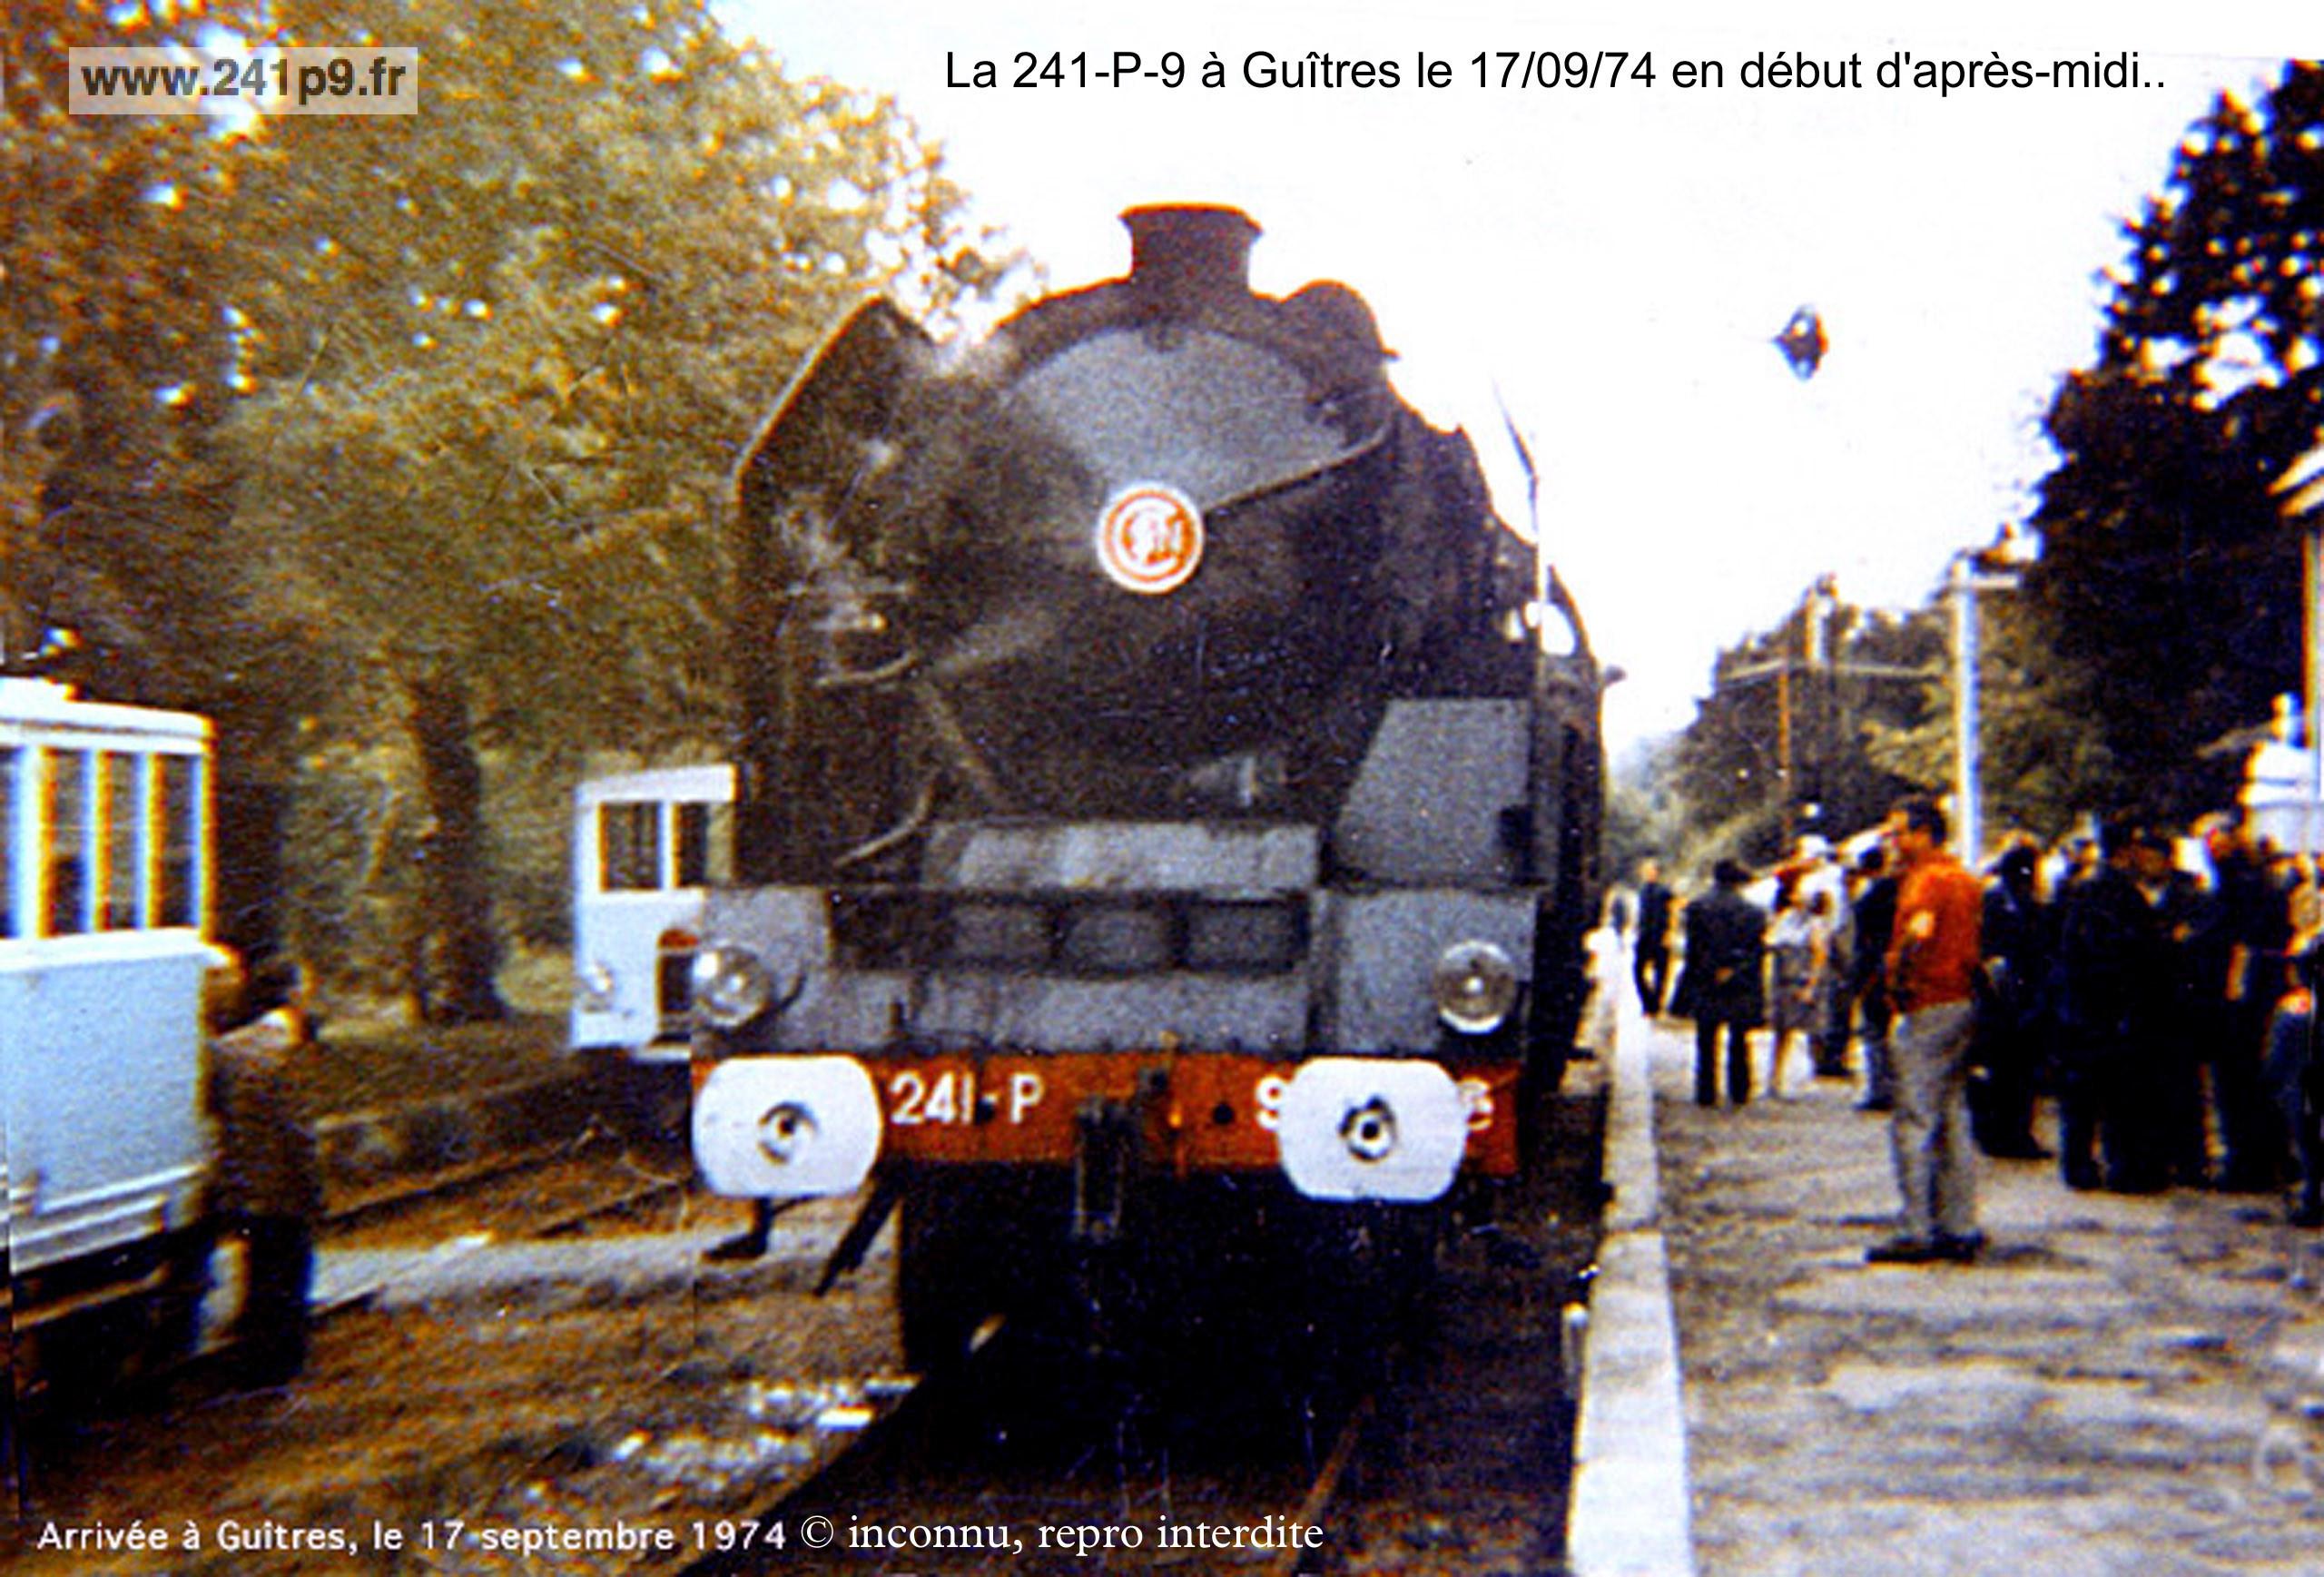 241P9 1974 09 17 Guitres arrivee Historique 4   Transfert du Mans à Guîtres